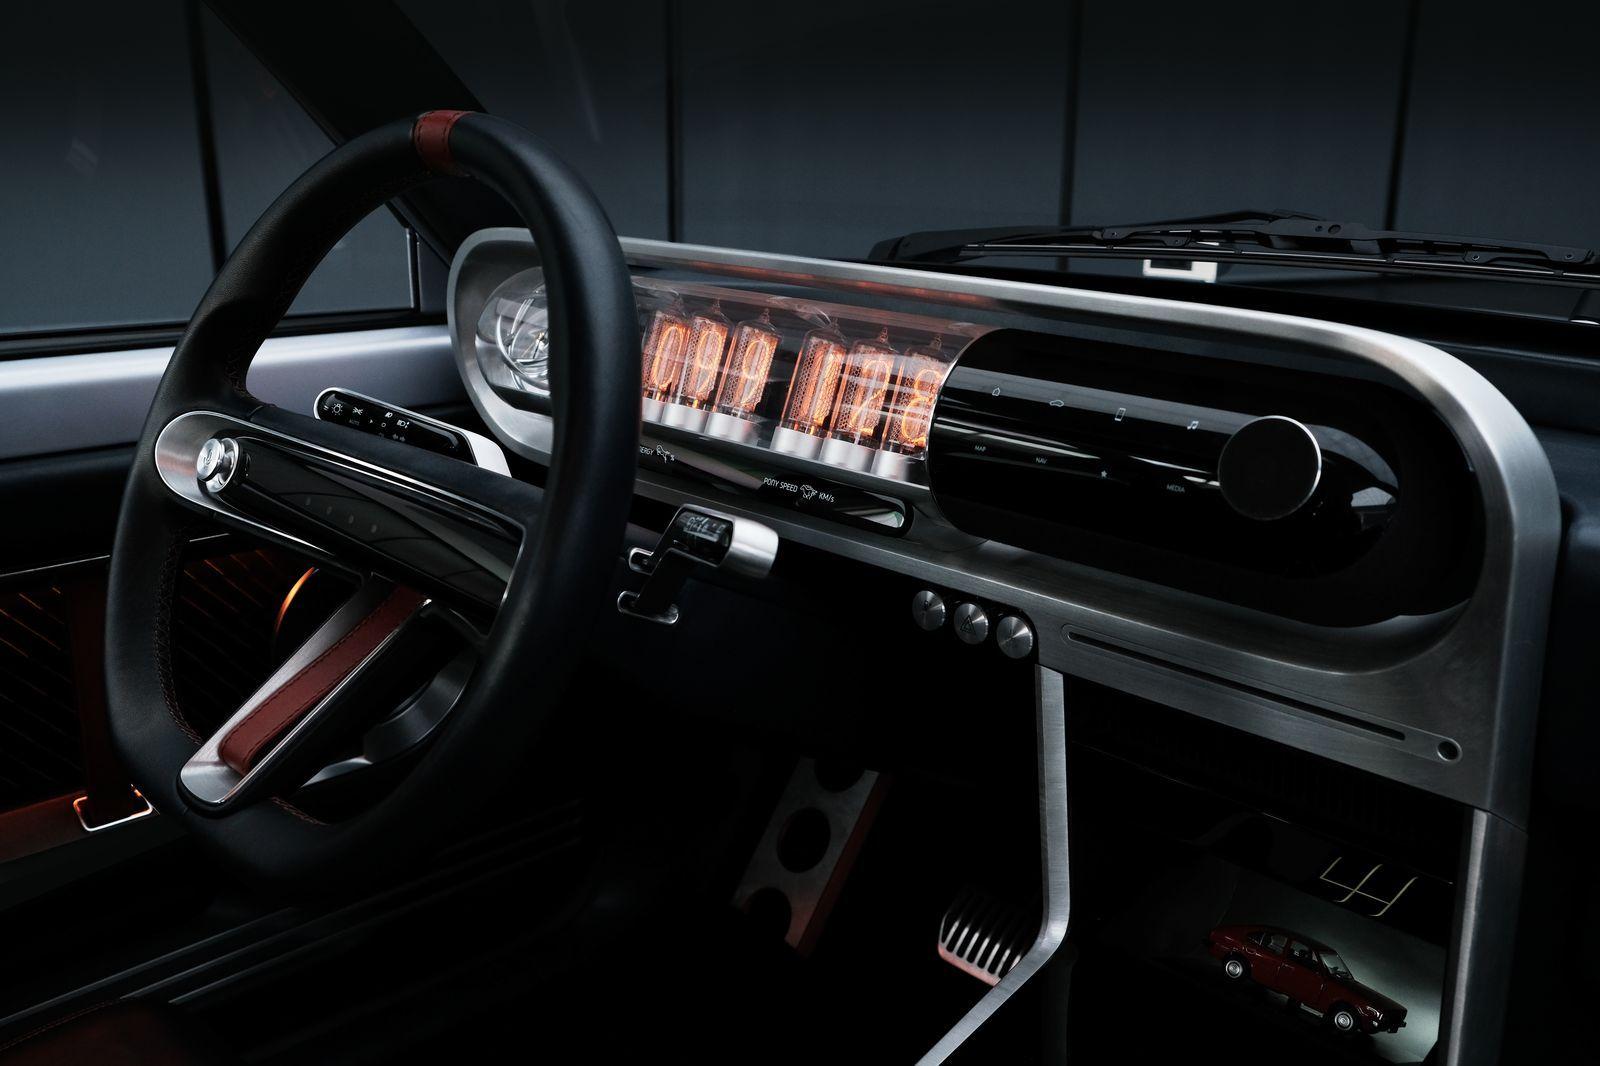 HyundaiPony_2021_AutoRok_21